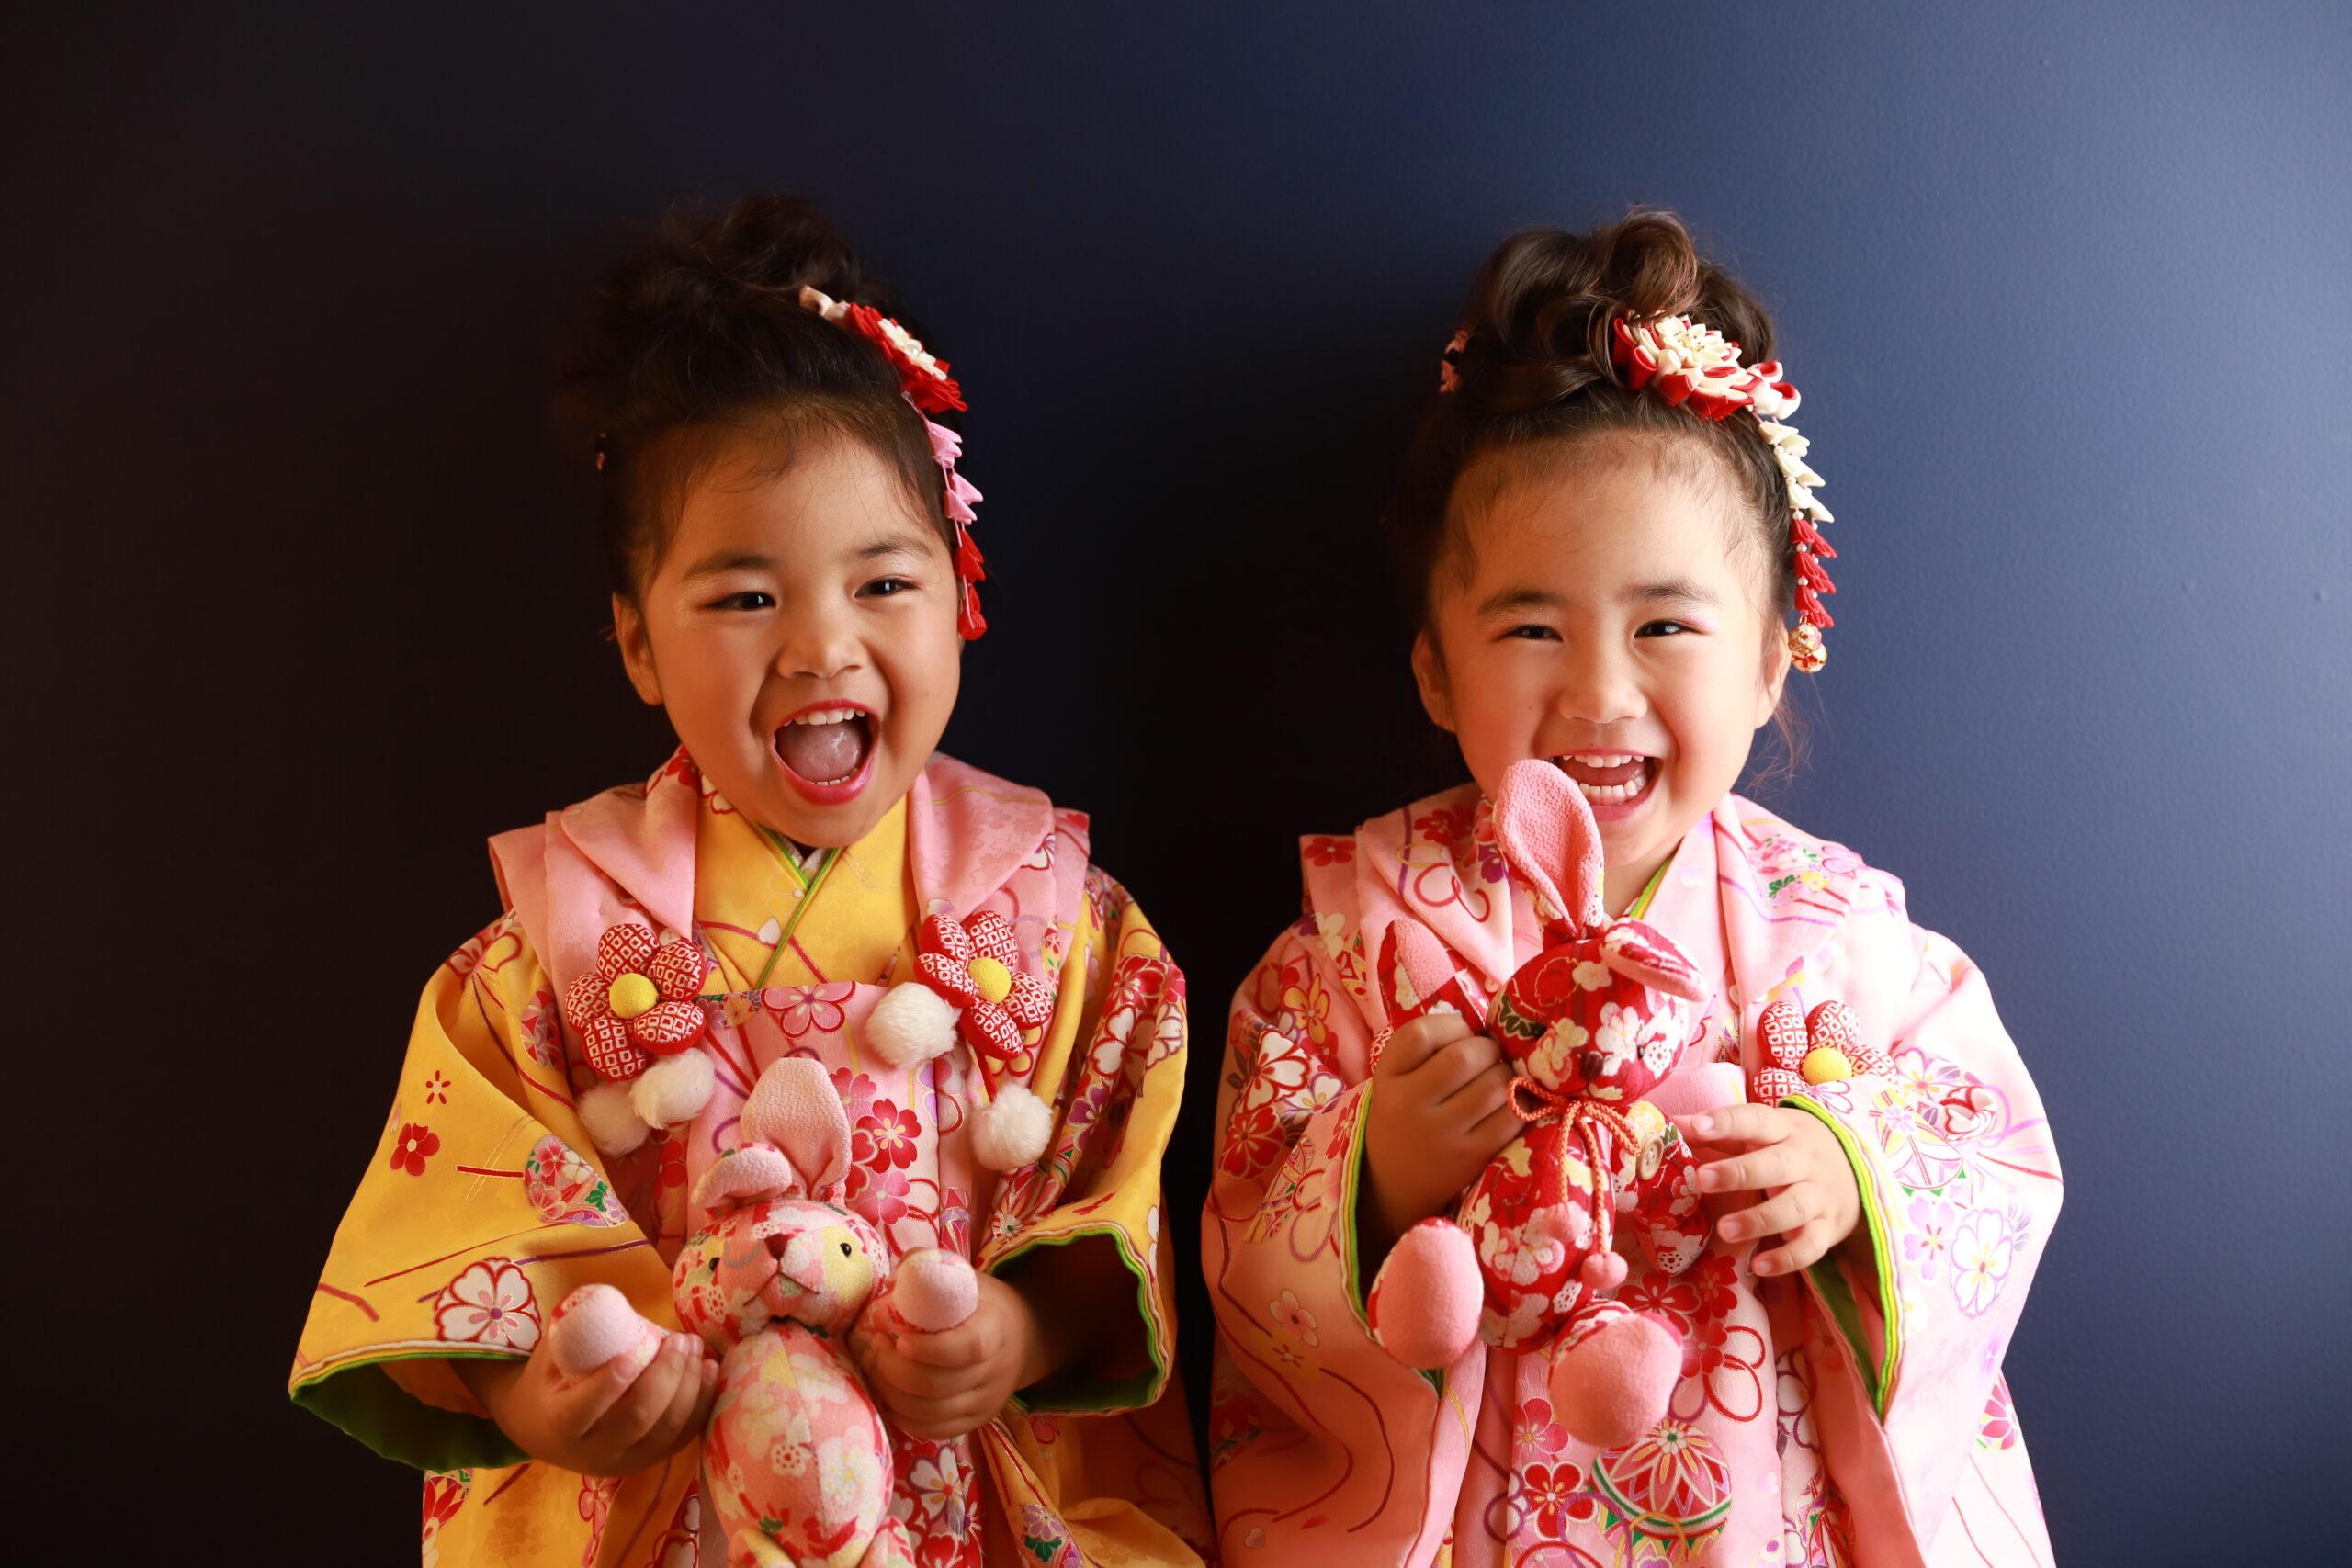 七五三の写真、ご姉妹で笑顔(着物)